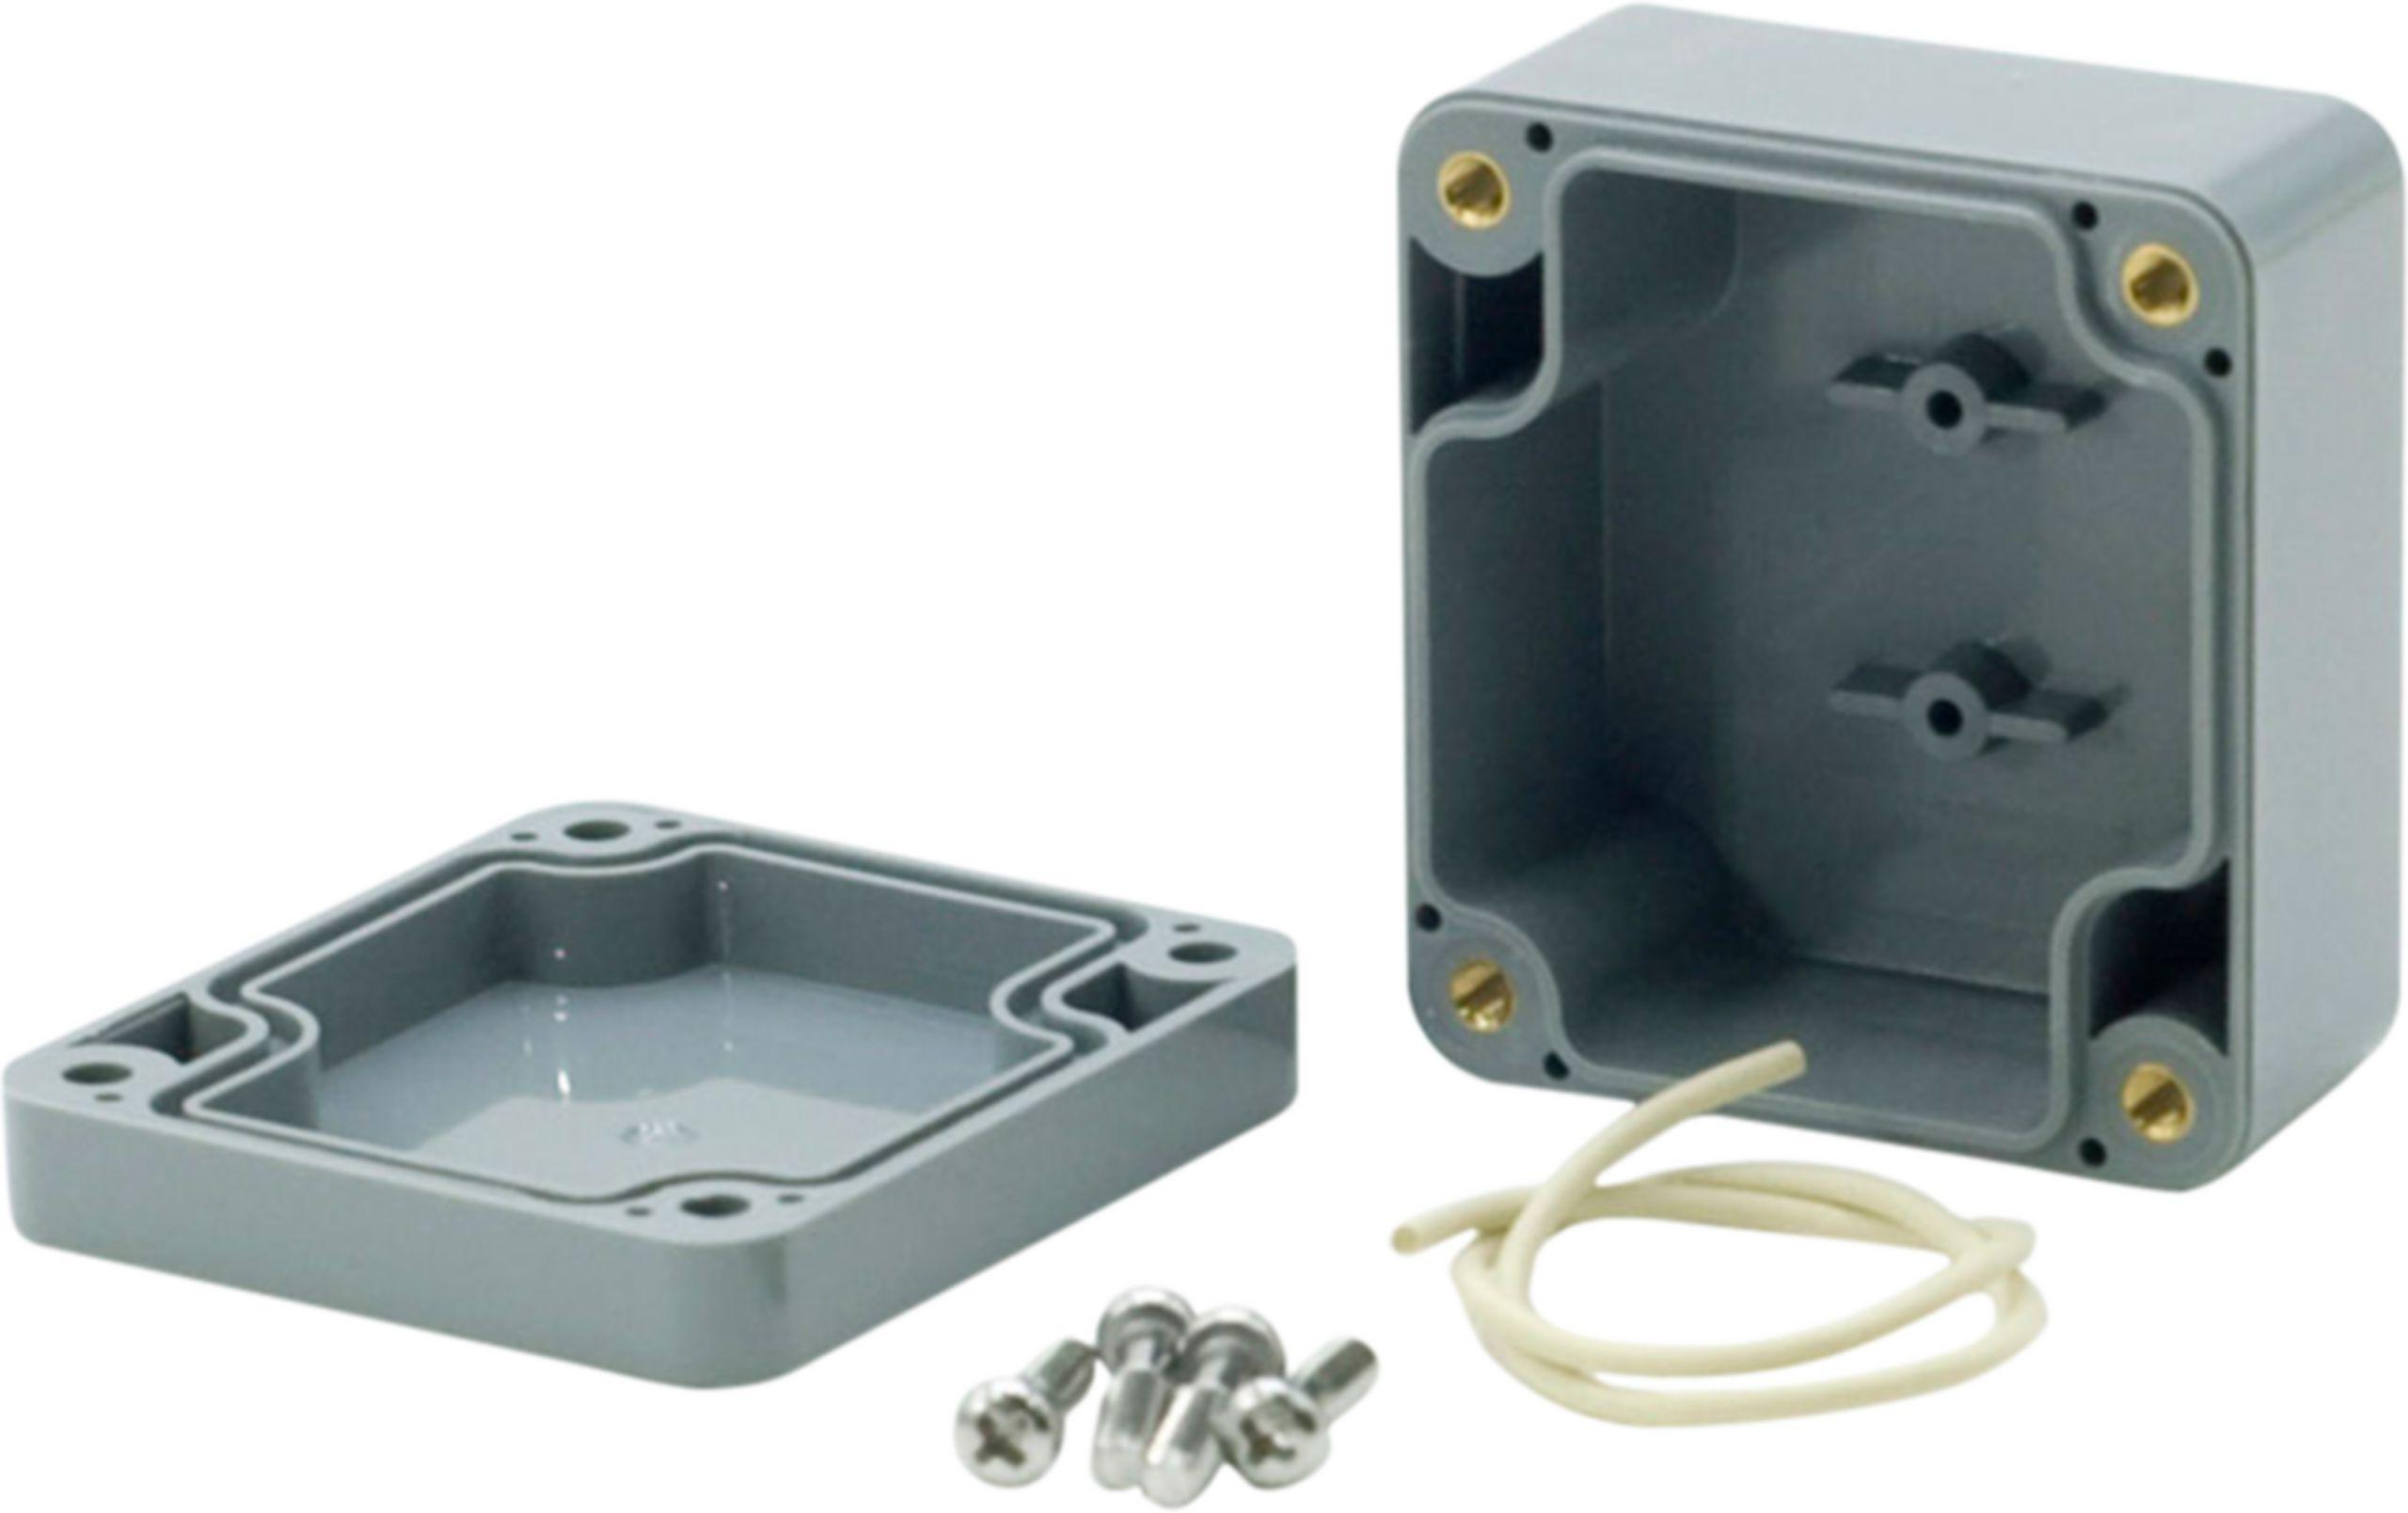 Krabička ABS plast, IP 65, tmavě šedá 115 x 90 x 55 mm